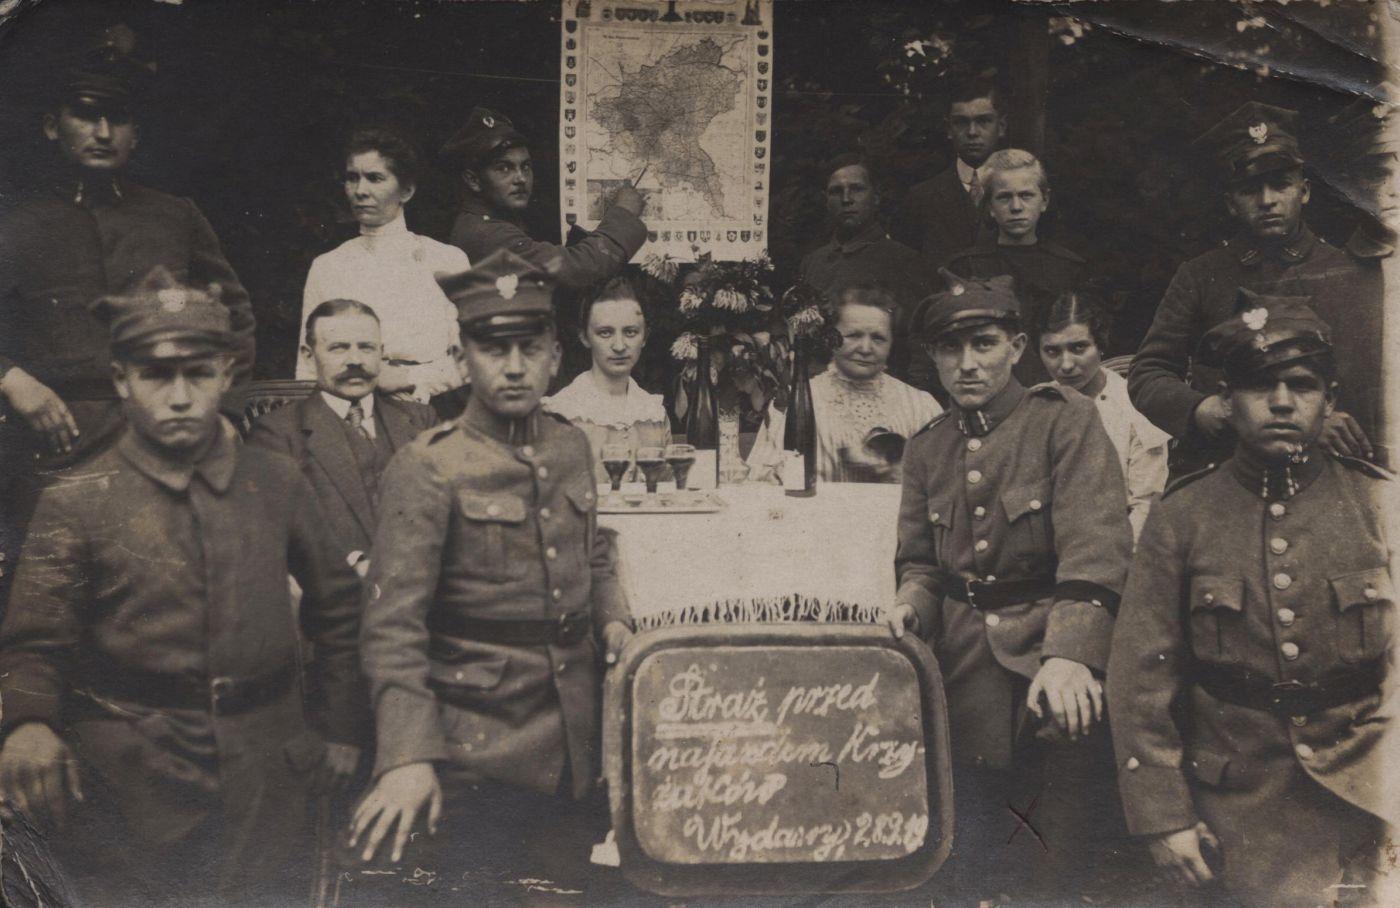 Kobieca strona Powstania Wielkopolskiego